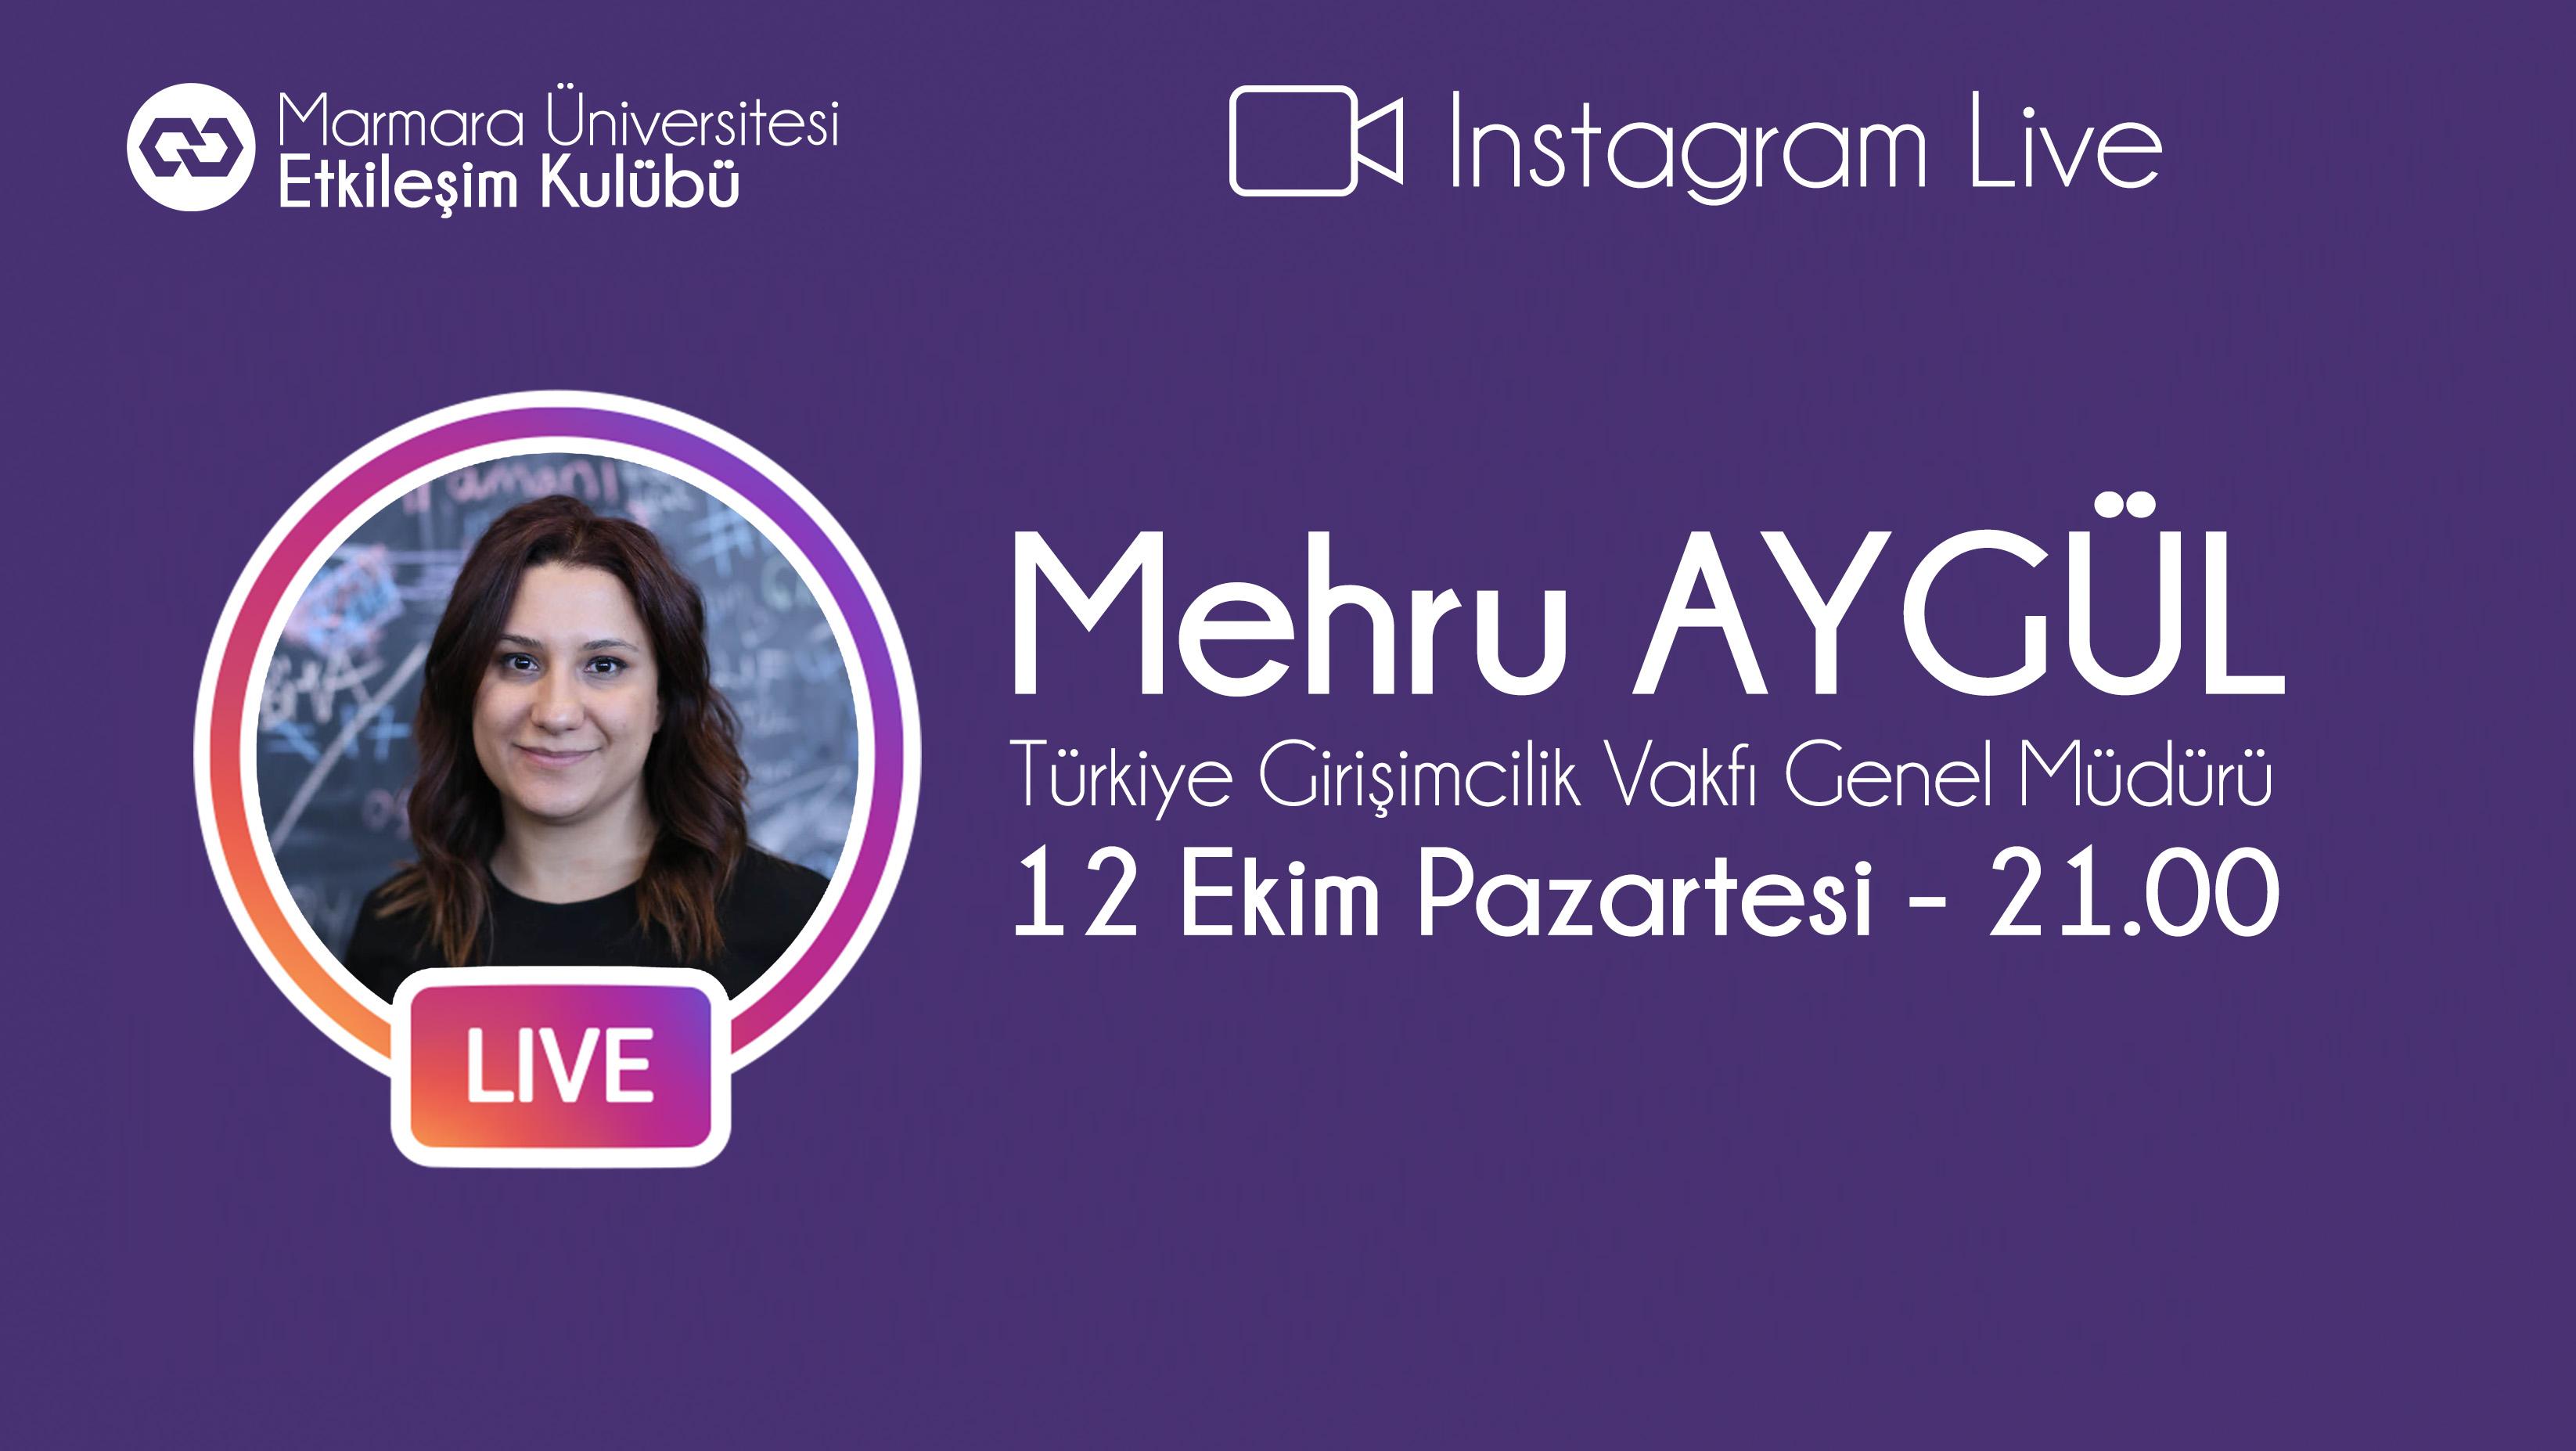 Öğrenci Kariyeri: Marmara Etkileşim'in Bu Haftaki Konuğu Mehru Aygül